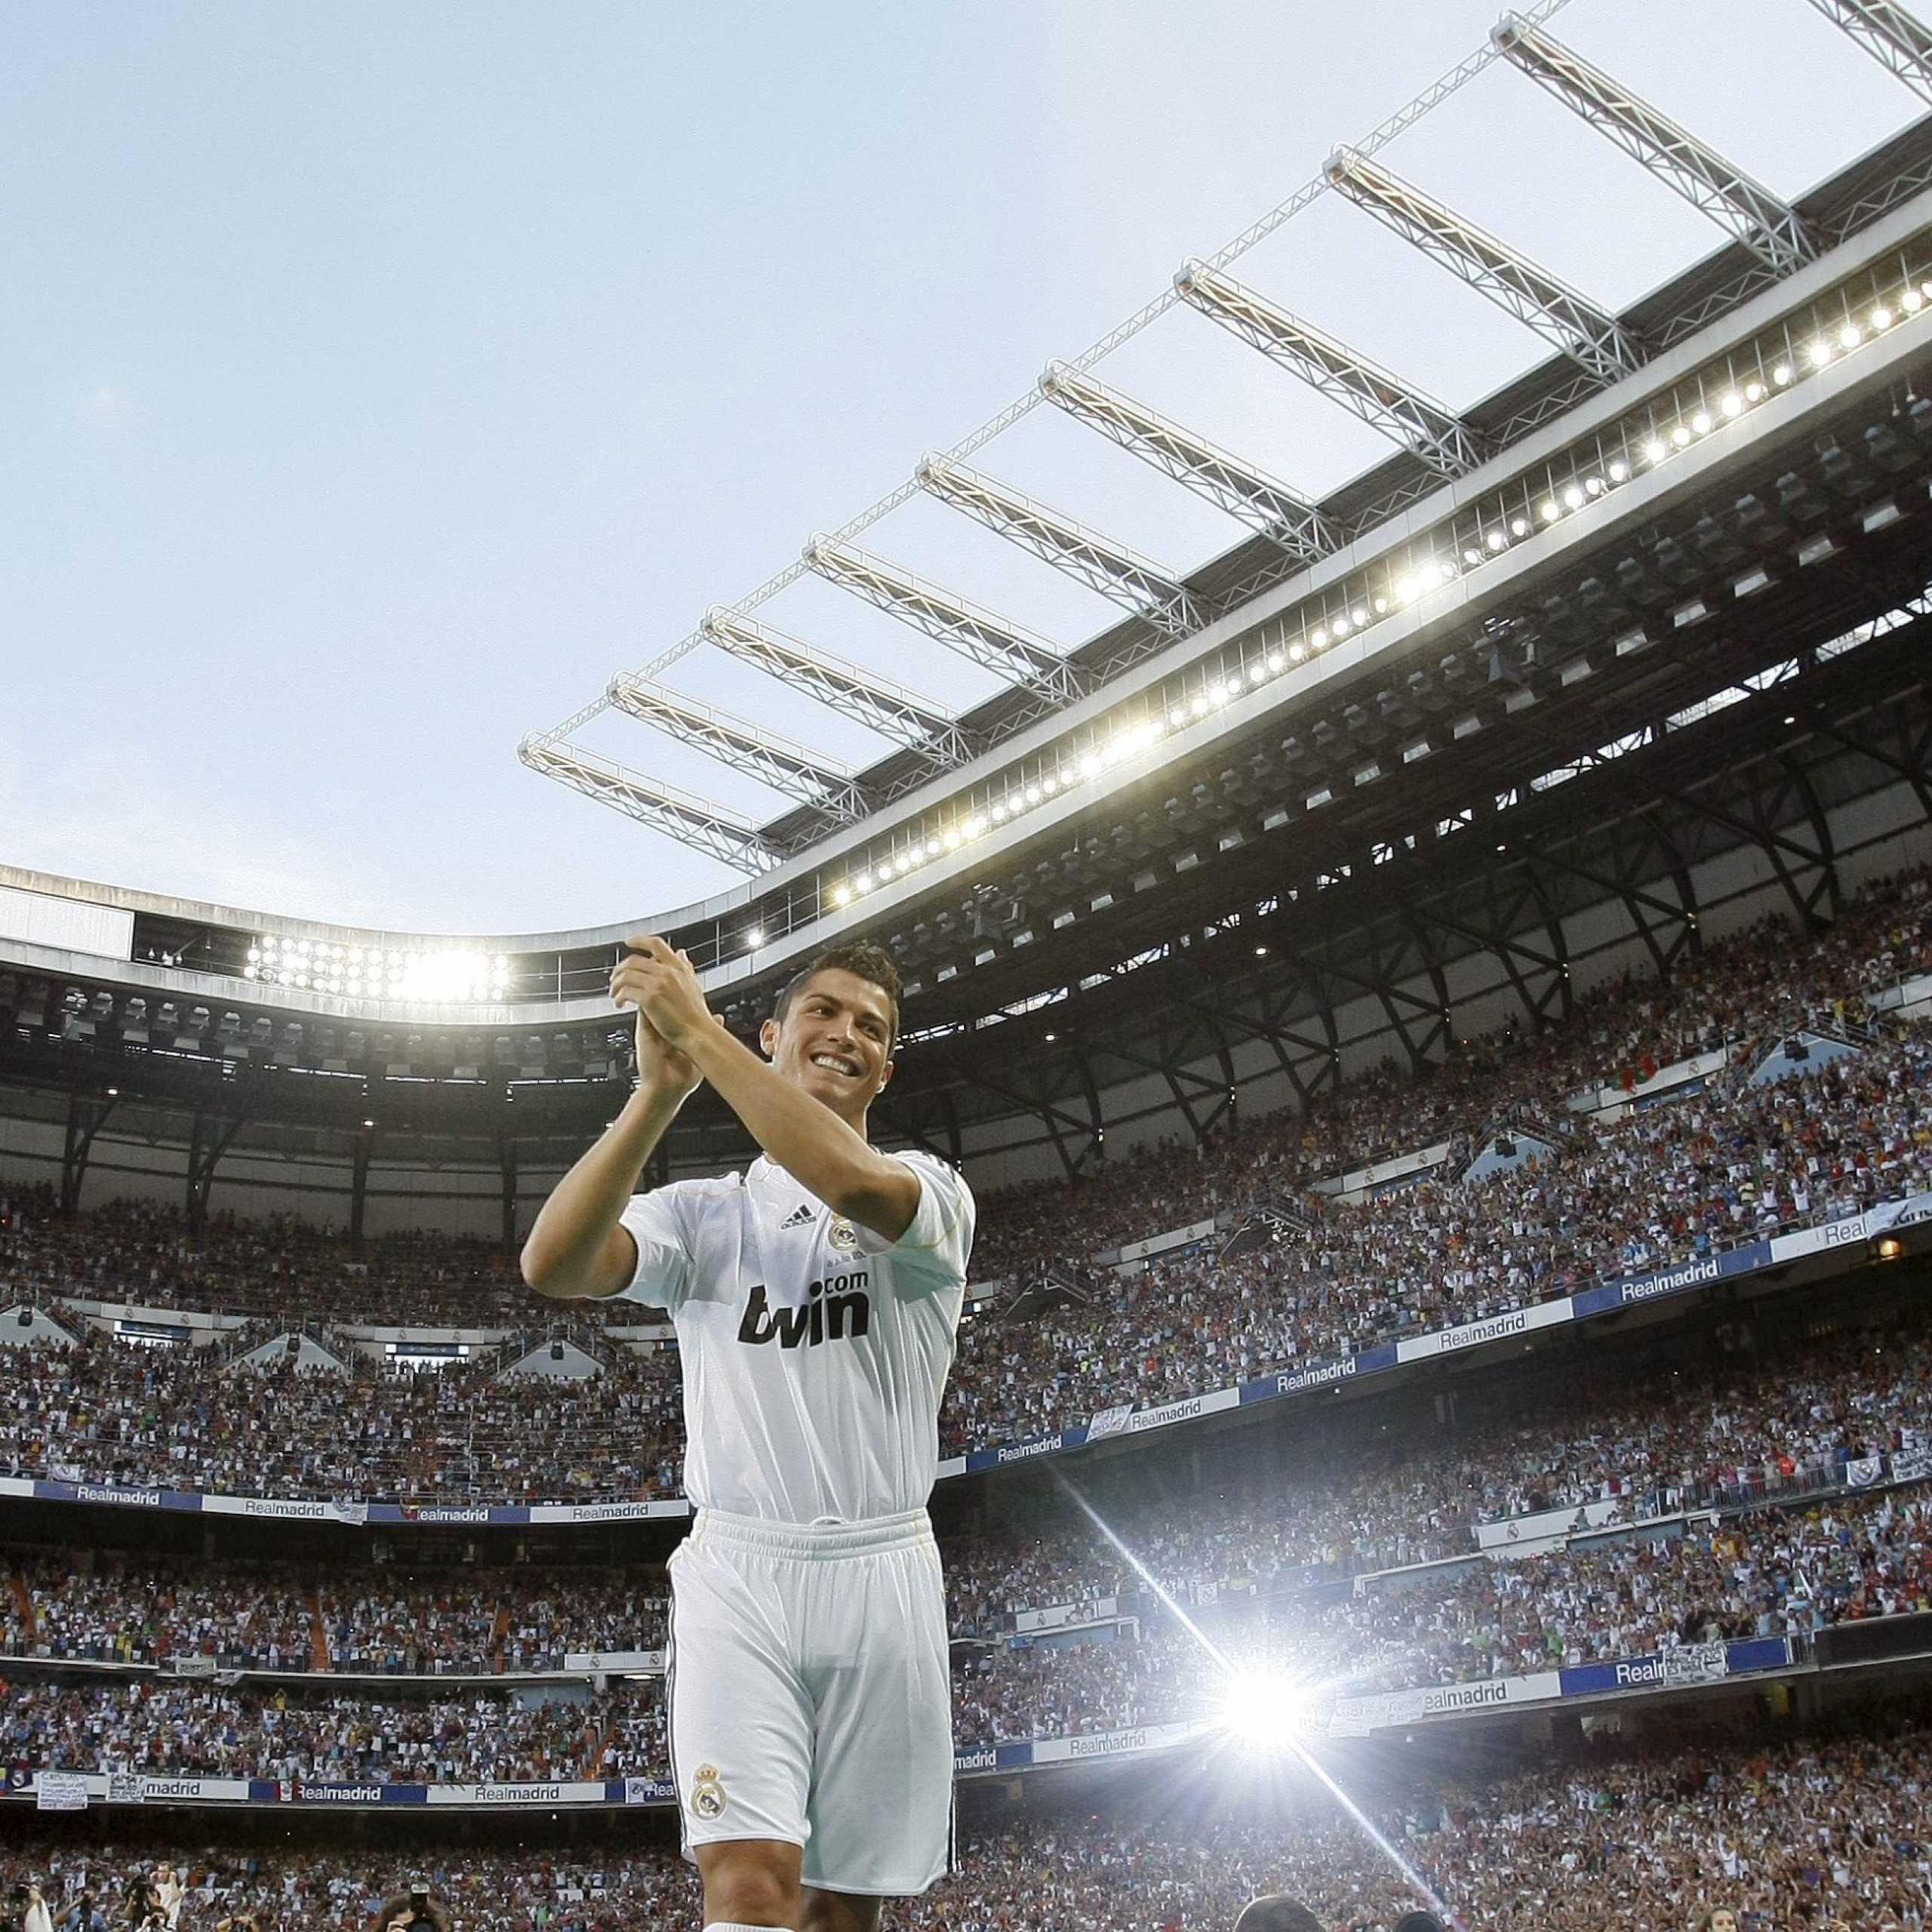 Opinión de Jorge Barraza: CR7 y otros grandes pases de la historia - Fútbol Internacional - Deportes